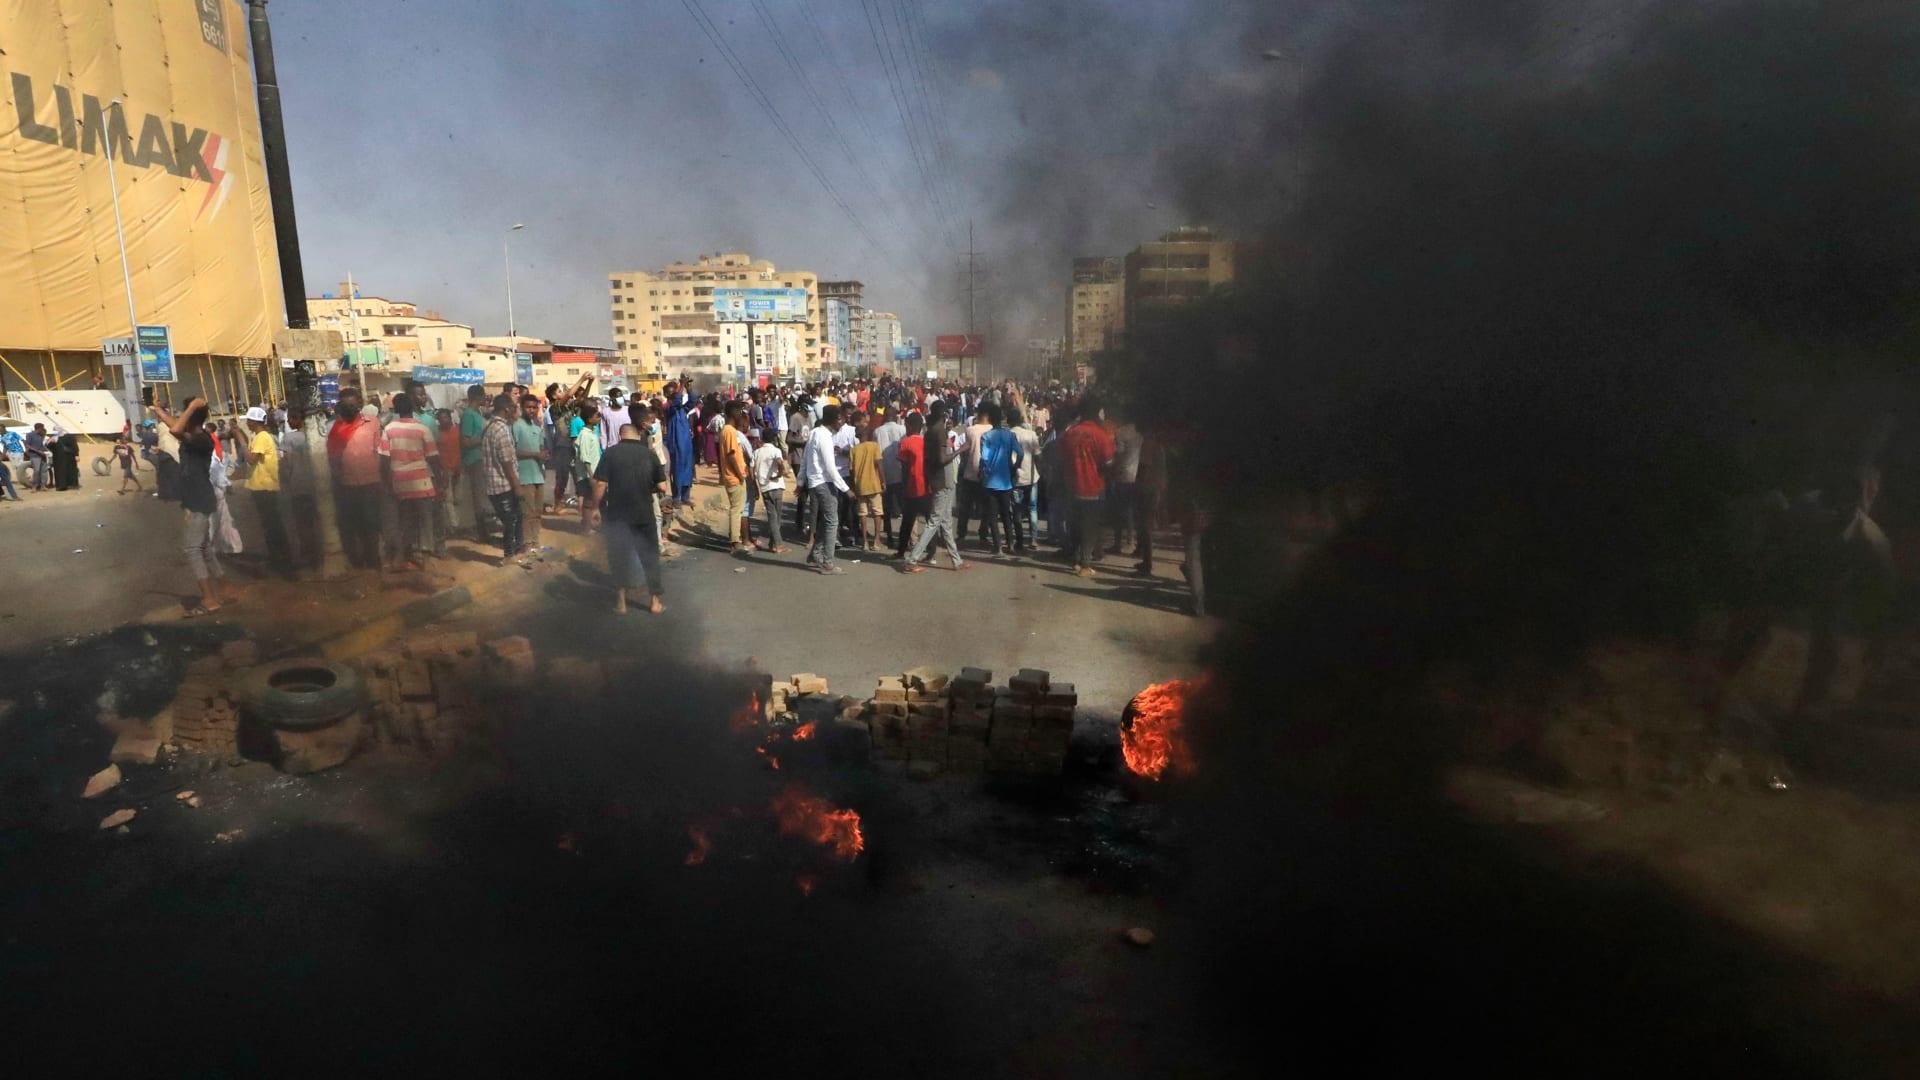 أمريكا وبريطانيا وفرنسا تدين انقلاب السودان وتطالب بالإفراج عن حمدوك والمسؤولين المدنيين